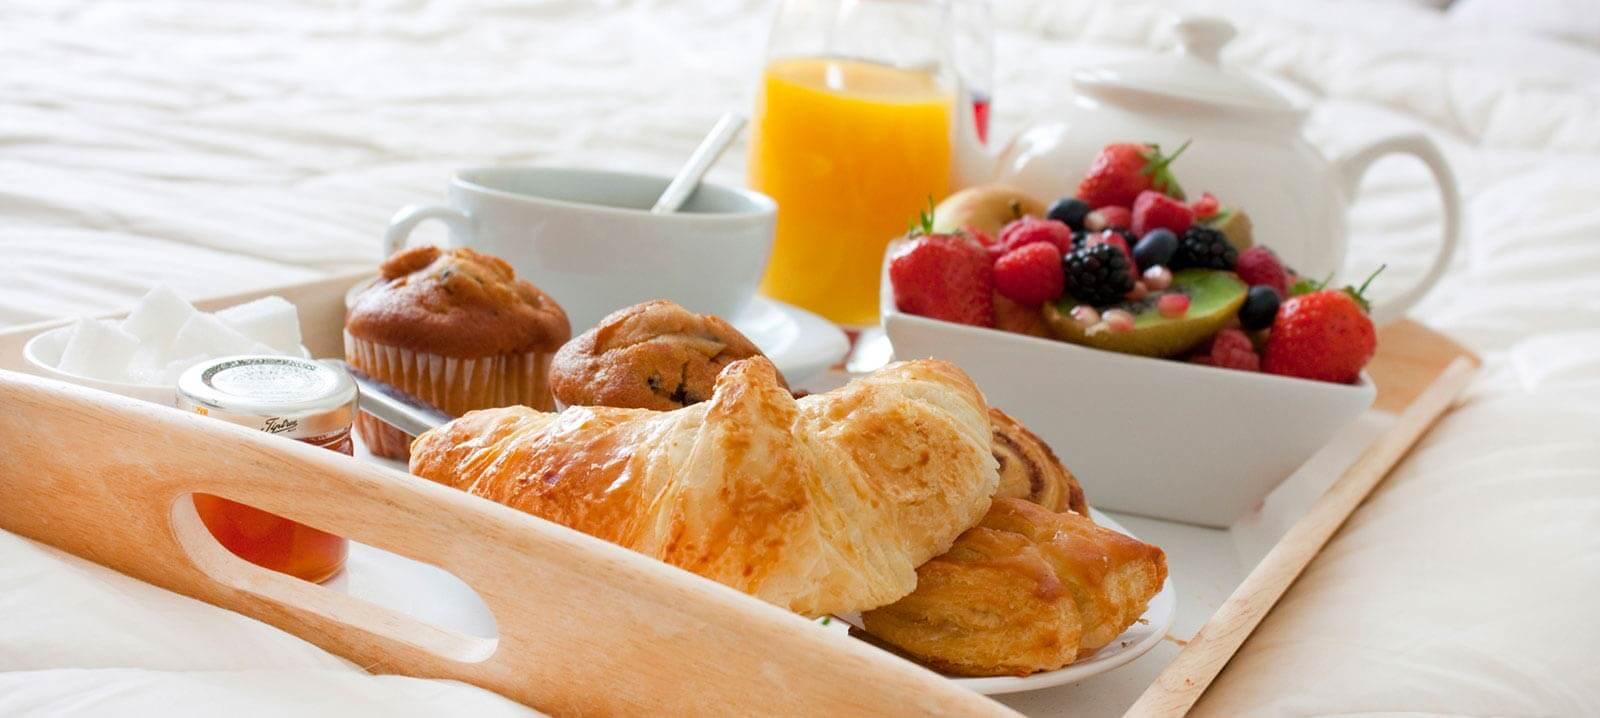 Bed & Breakfast at Julian Hotel